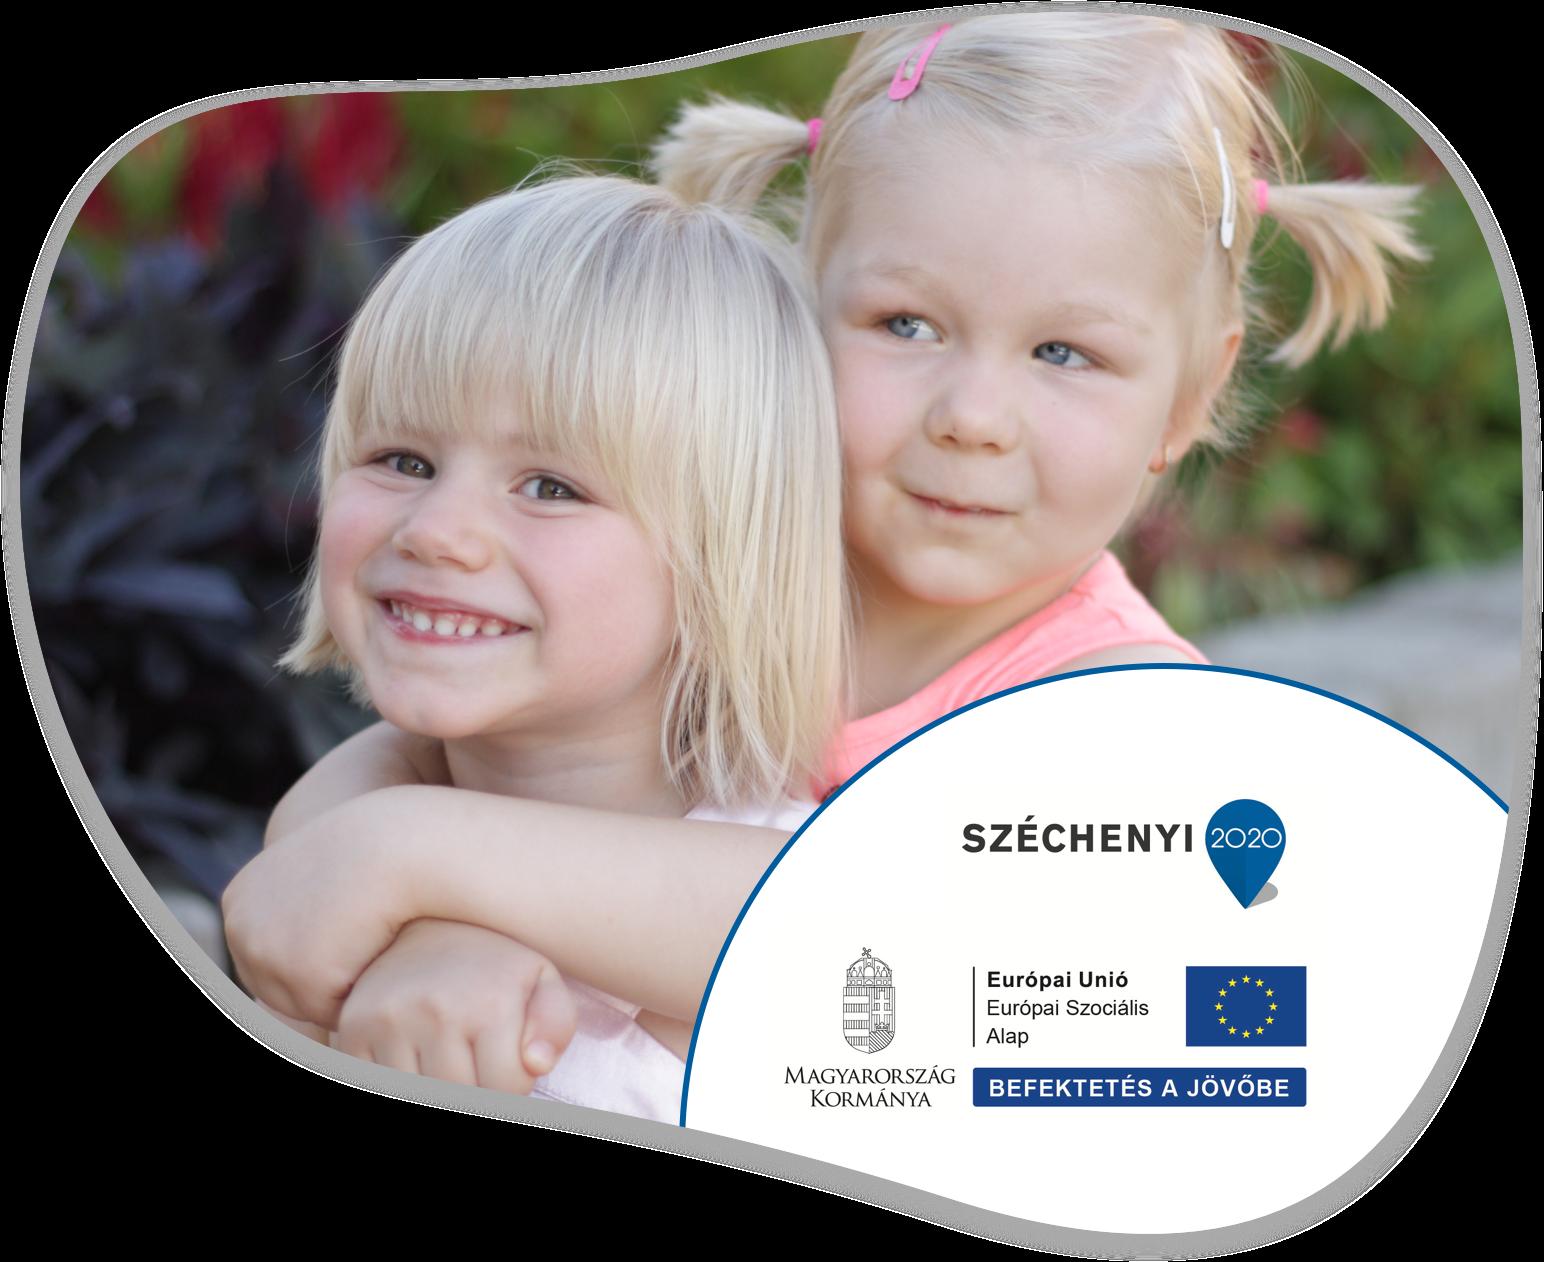 Széchenyi 2020 pályázat, Európai Szociális Alap